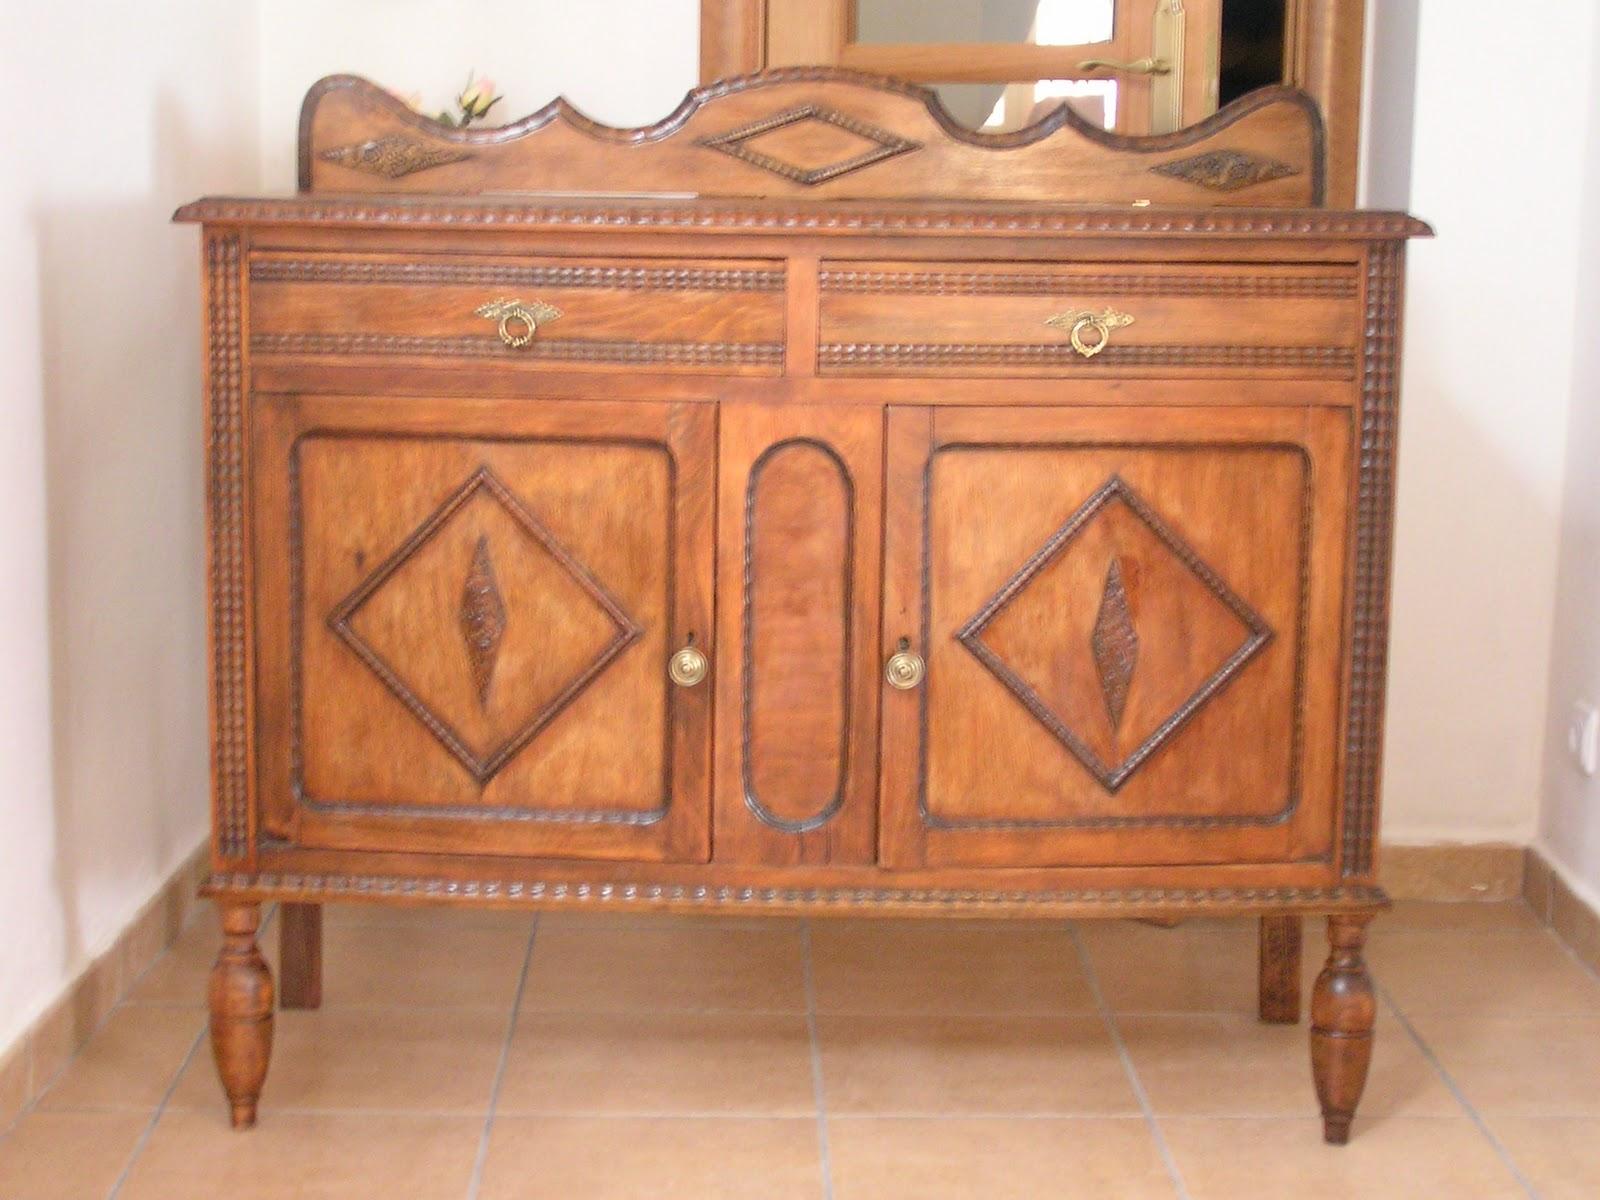 Antonio y sus manualidades restauraci n de muebles - Tecnicas de restauracion de muebles ...